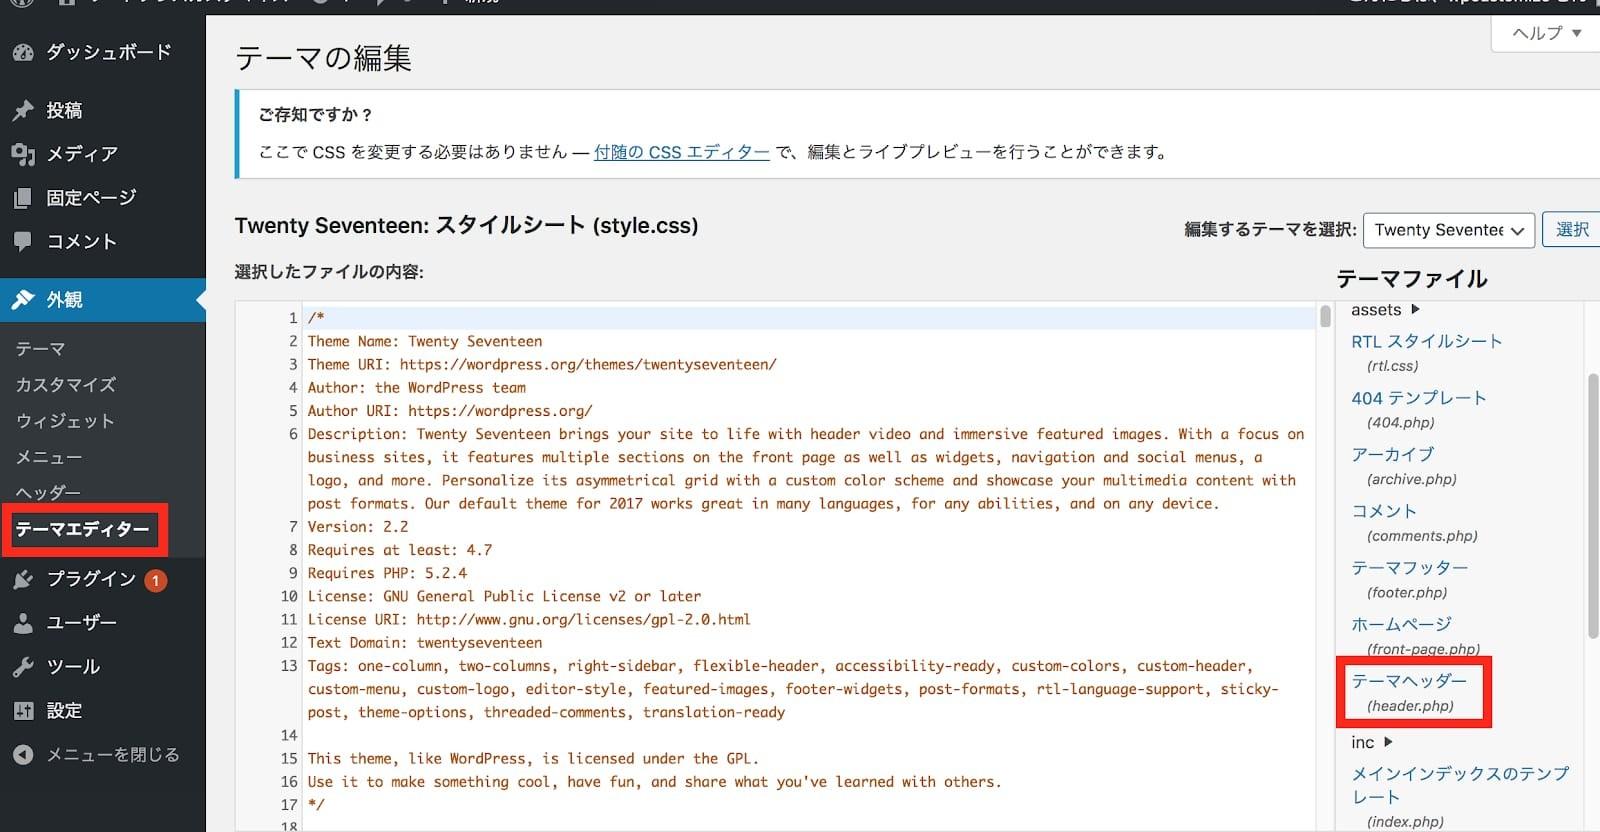 PHPを使ったファビコン表示_3